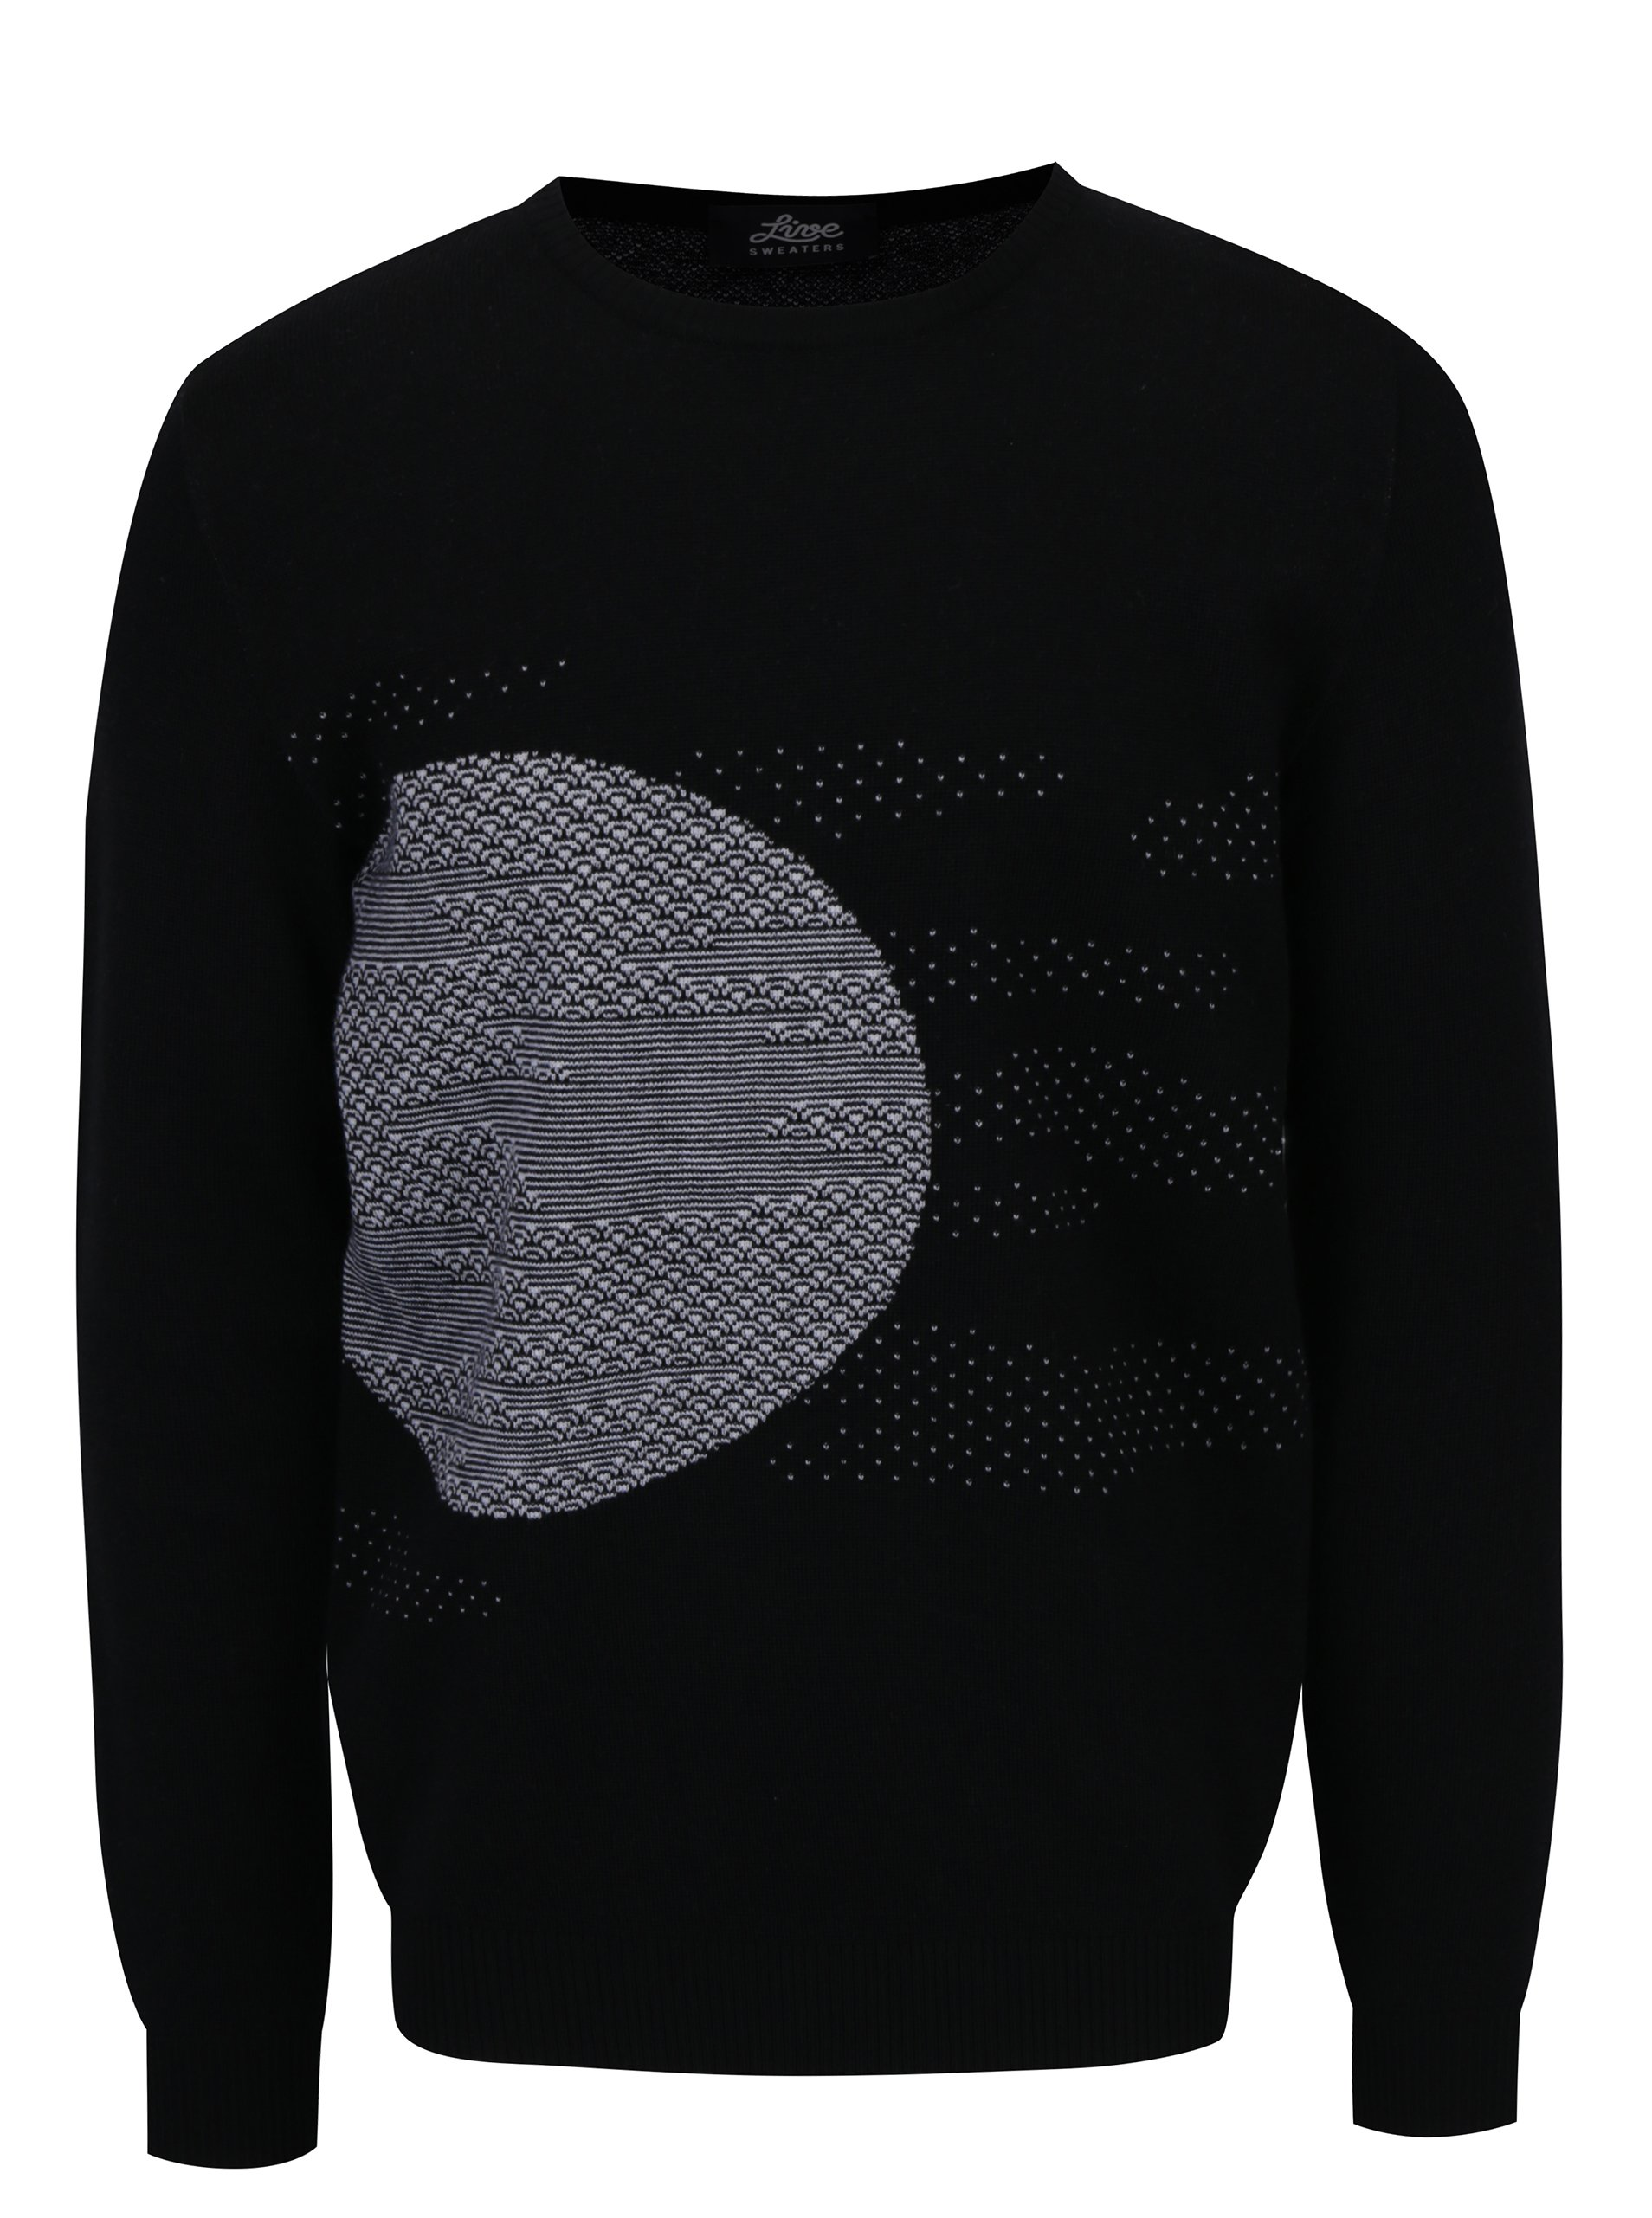 Bílo-černý svetr z merino vlny Live Sweaters Error On The Moon